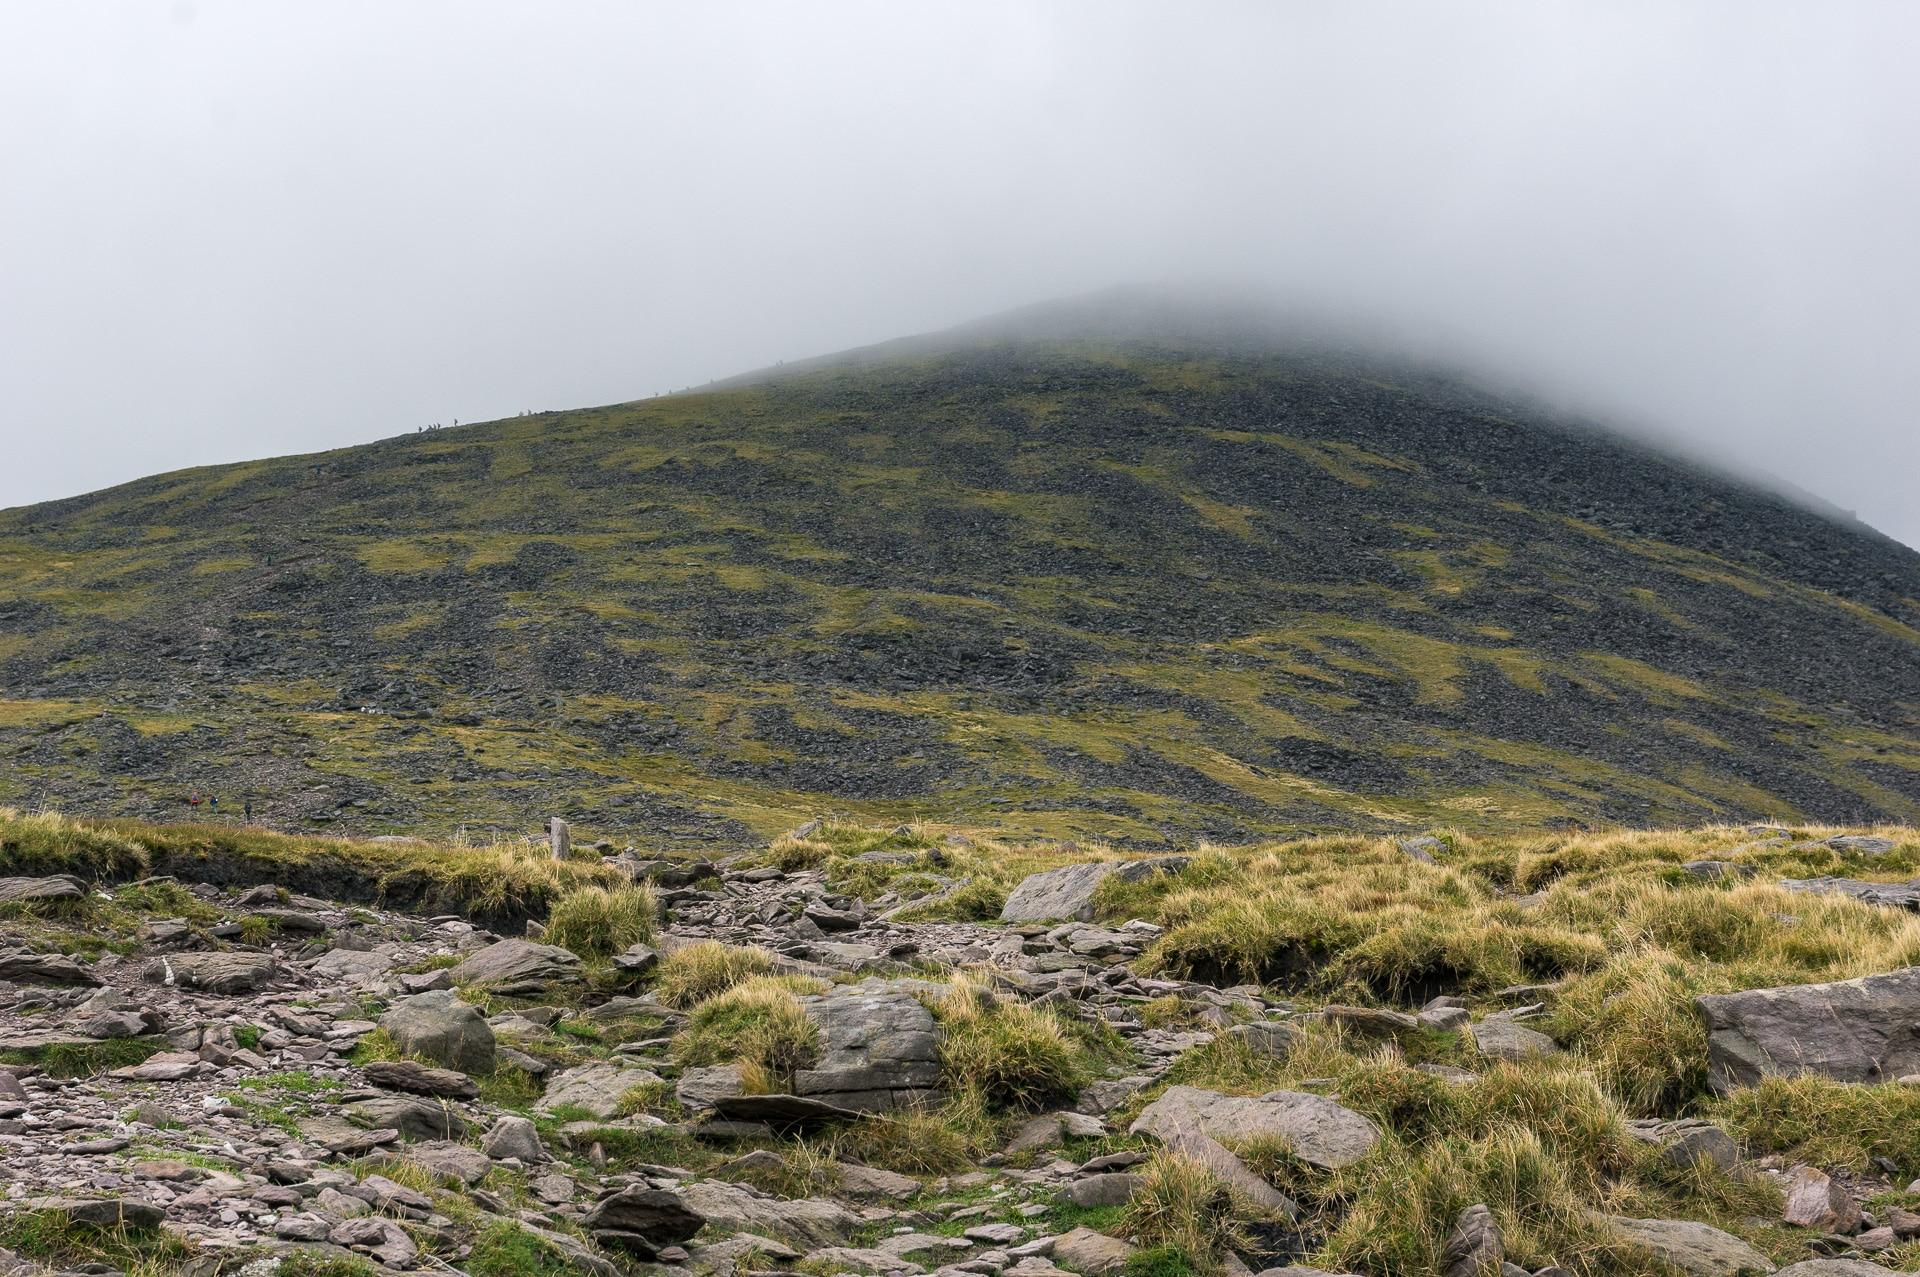 the peak of Carrauntoohil inside clouds